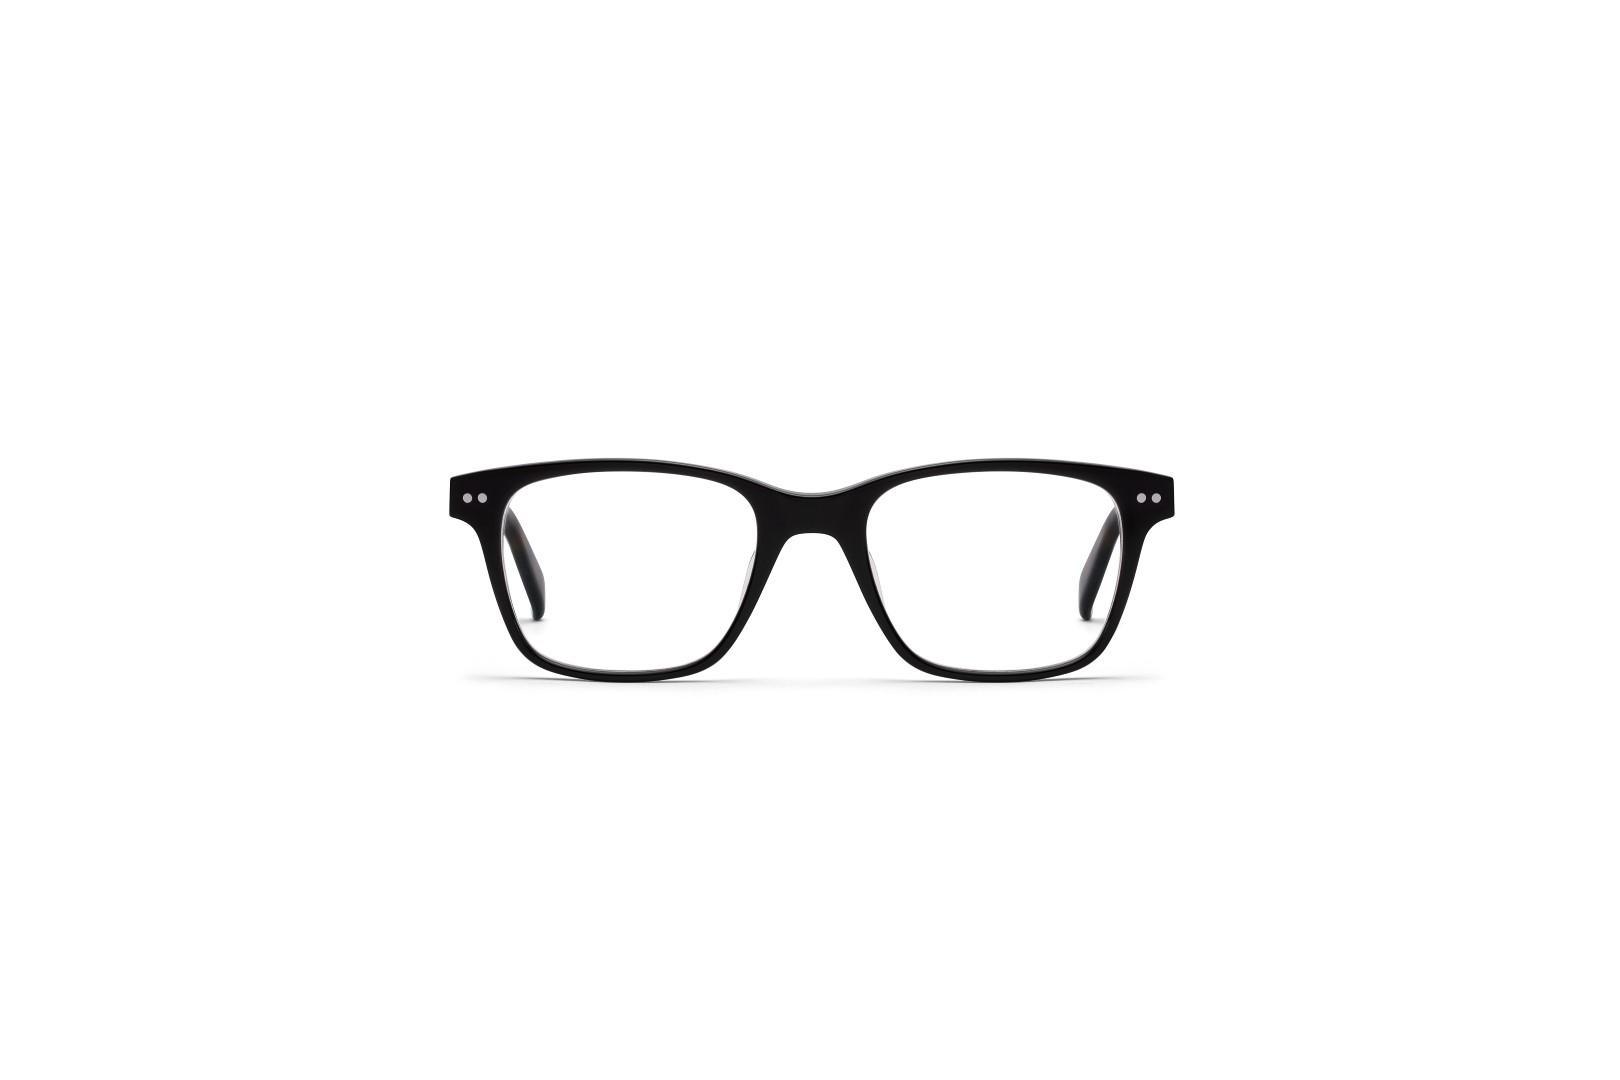 I nuovi occhiali 100% 'Made in Italy' di Fielmann